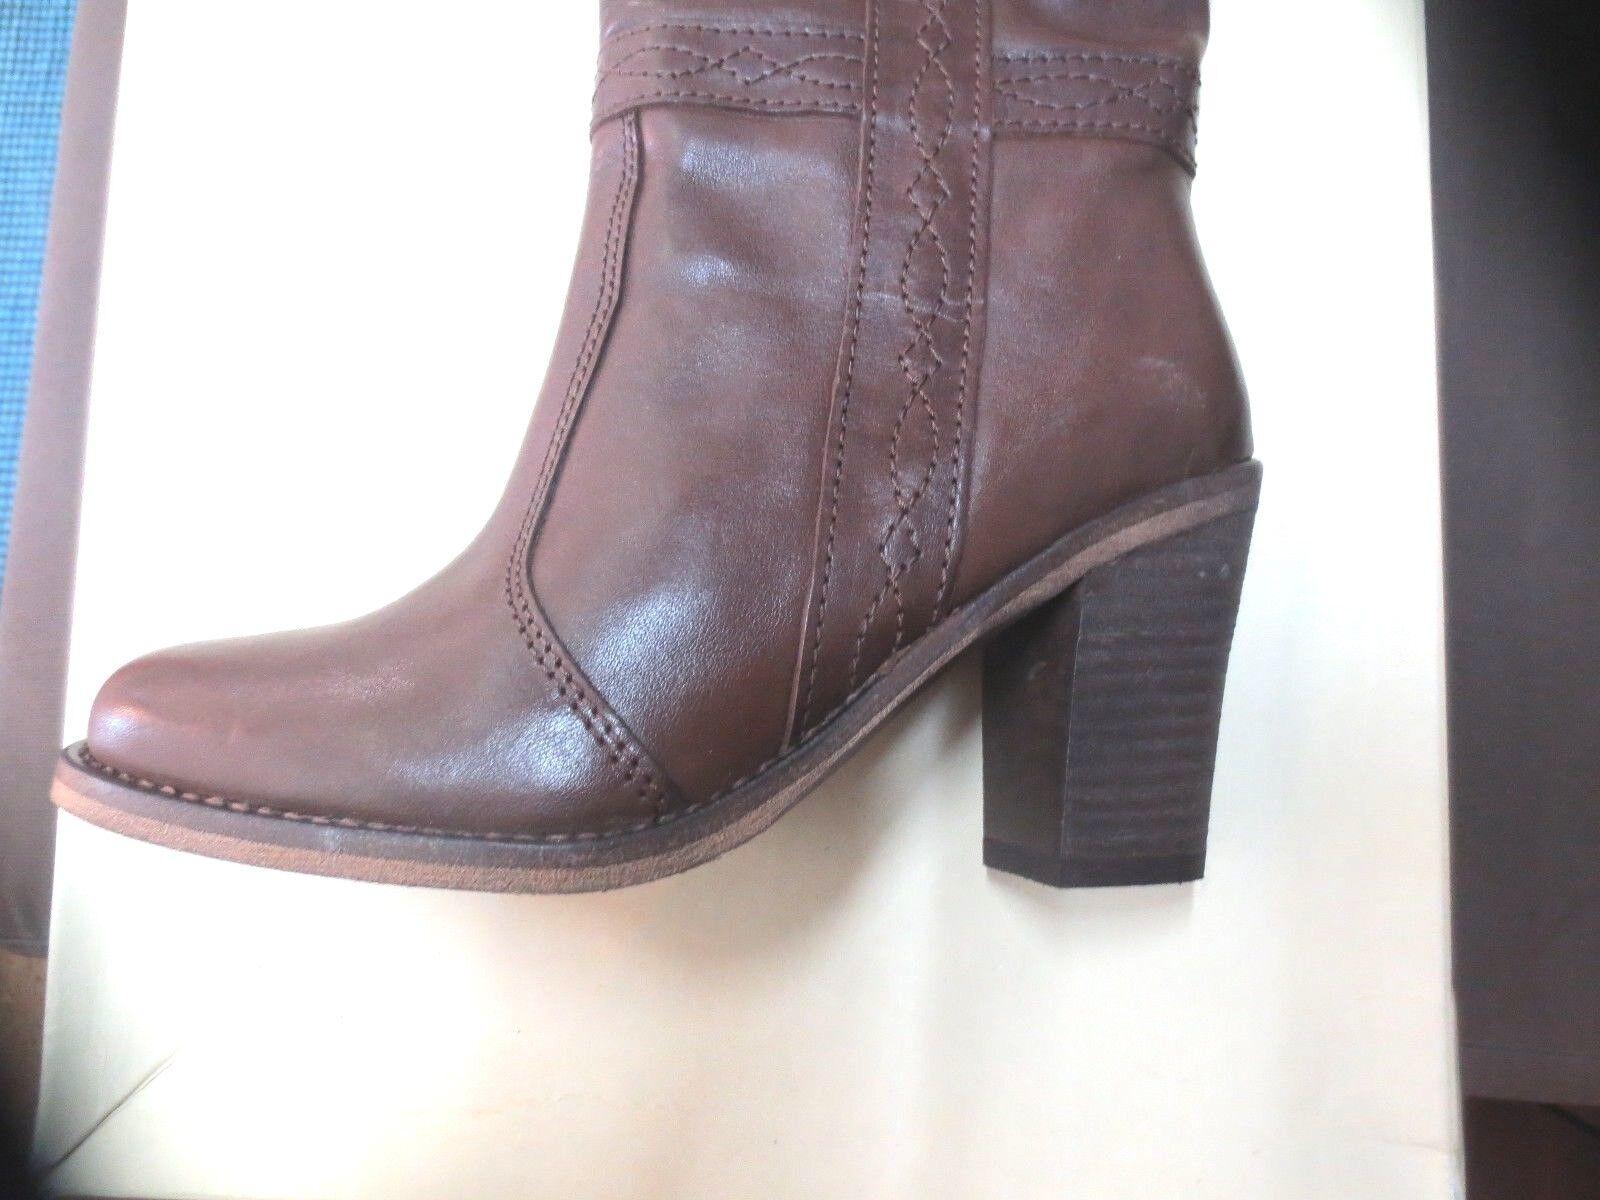 Minka Design Stiefel Leder braun zum Hineinschlüpfen Hineinschlüpfen Hineinschlüpfen Wert 185E Schuhgrößen 35,36 980ccf